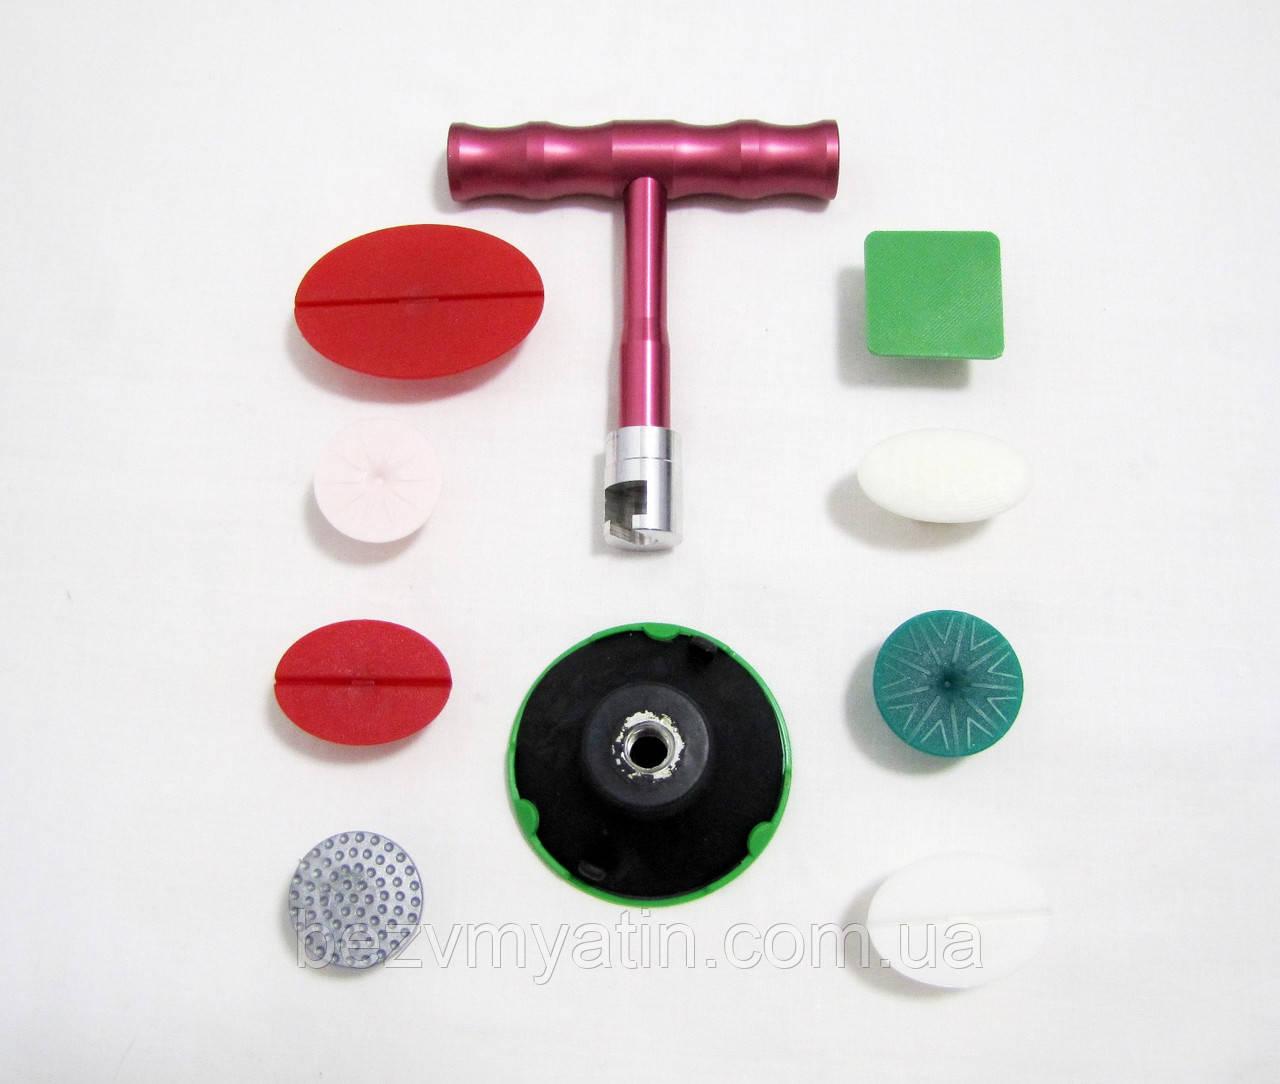 Инструмент для удаления вмятин без покраски, Клеевая система Puller-10